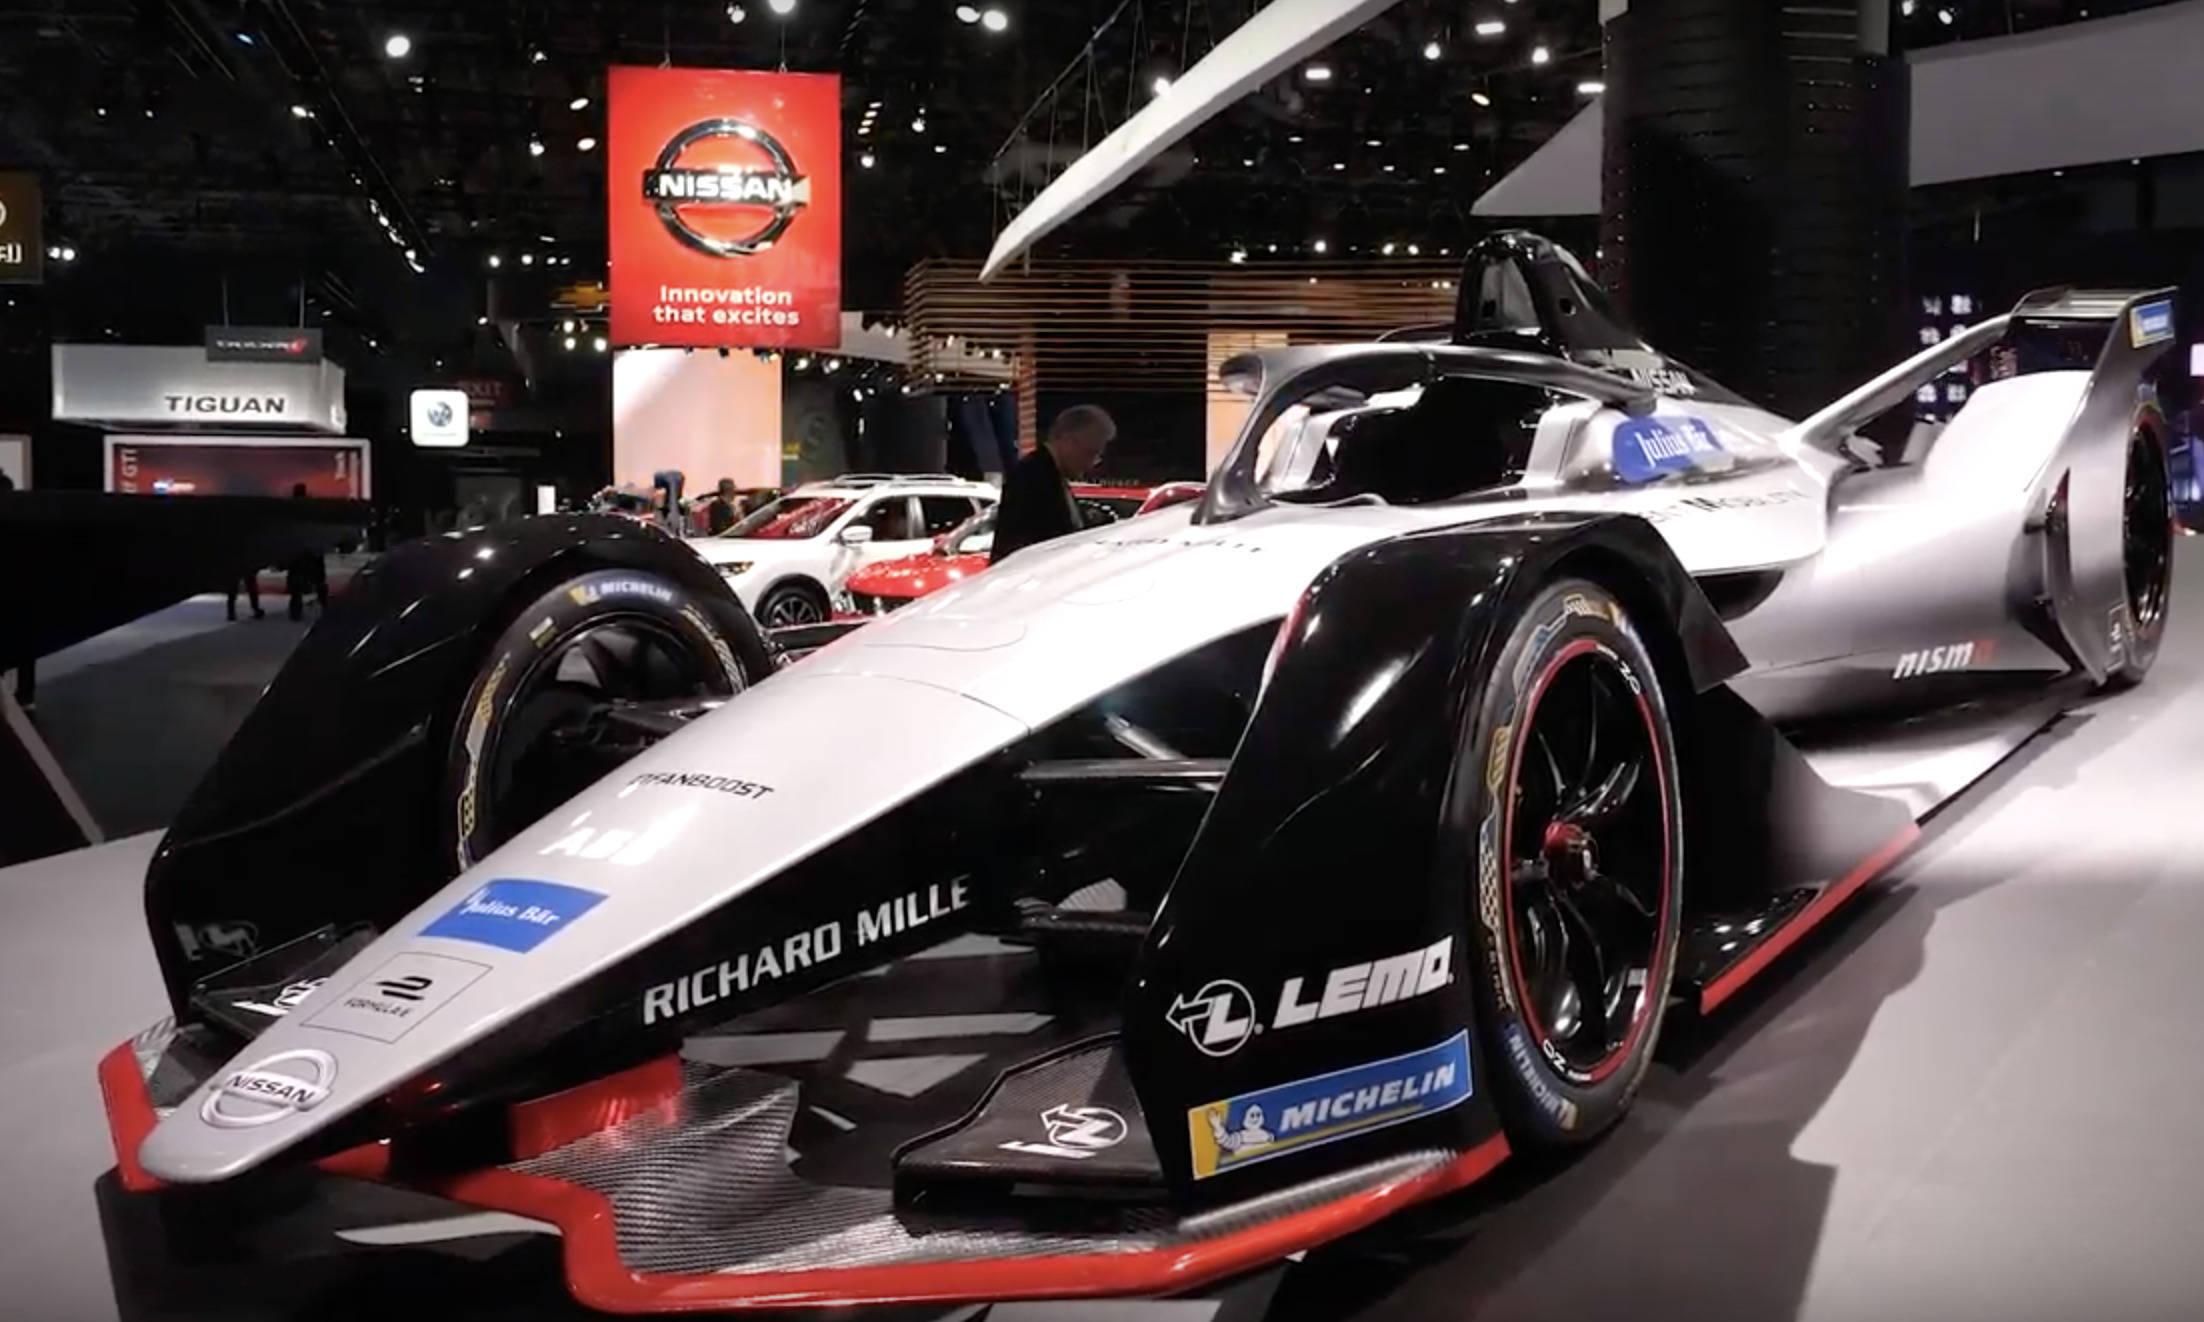 NissanFormulaEcar.png